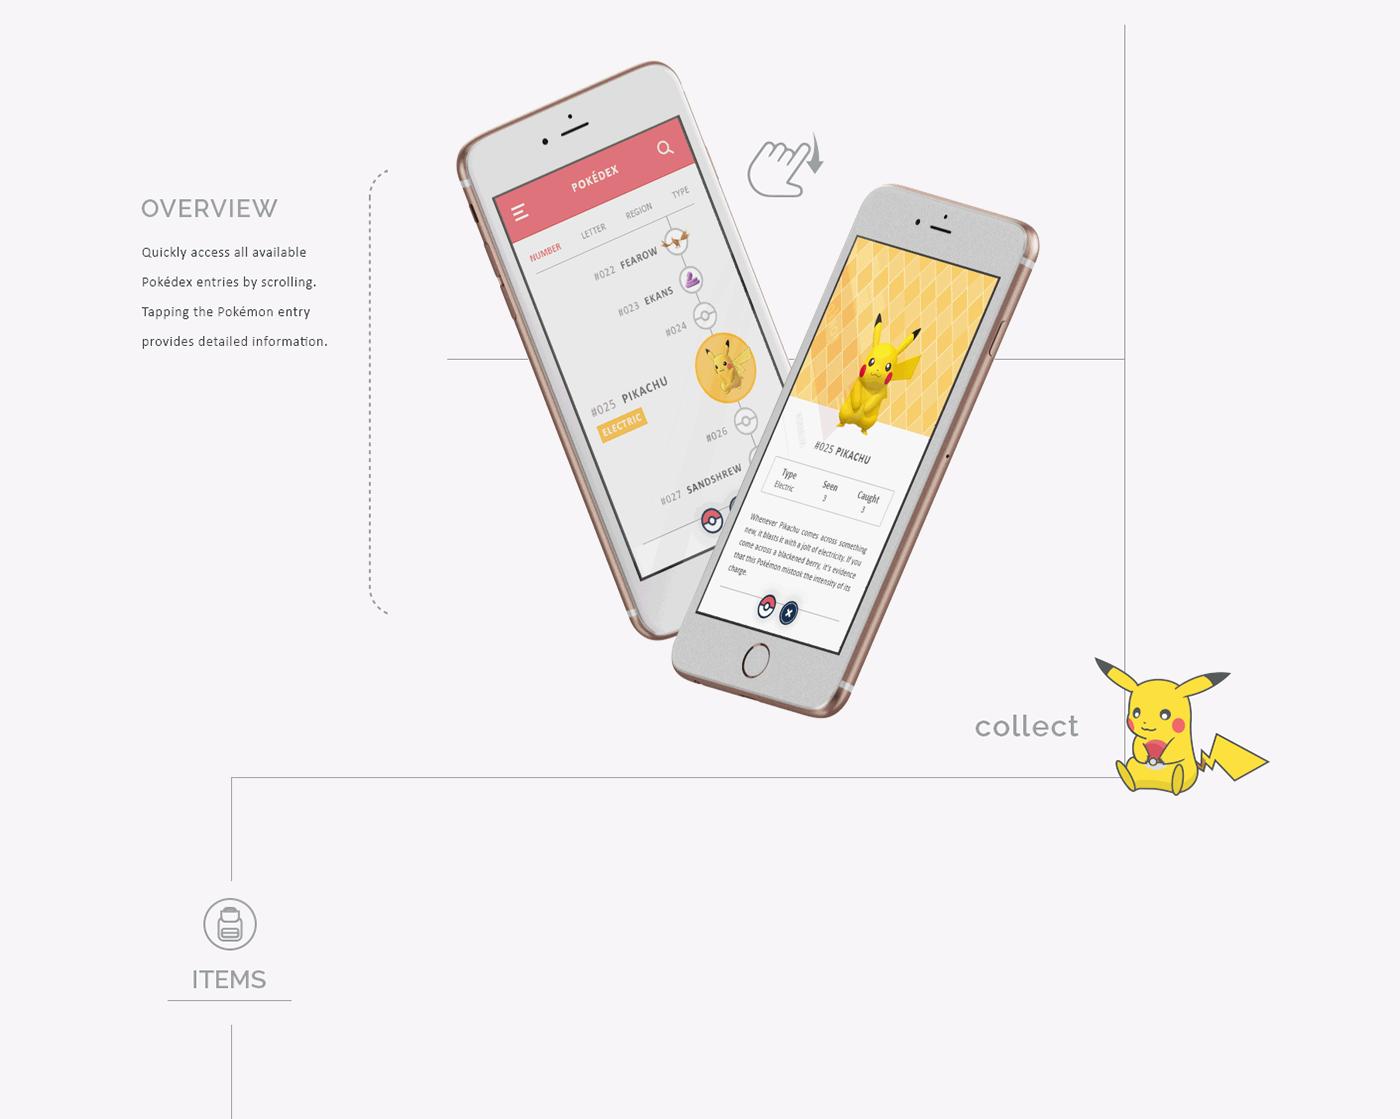 Redesign concepts for popular websites #5 | Muzli blog